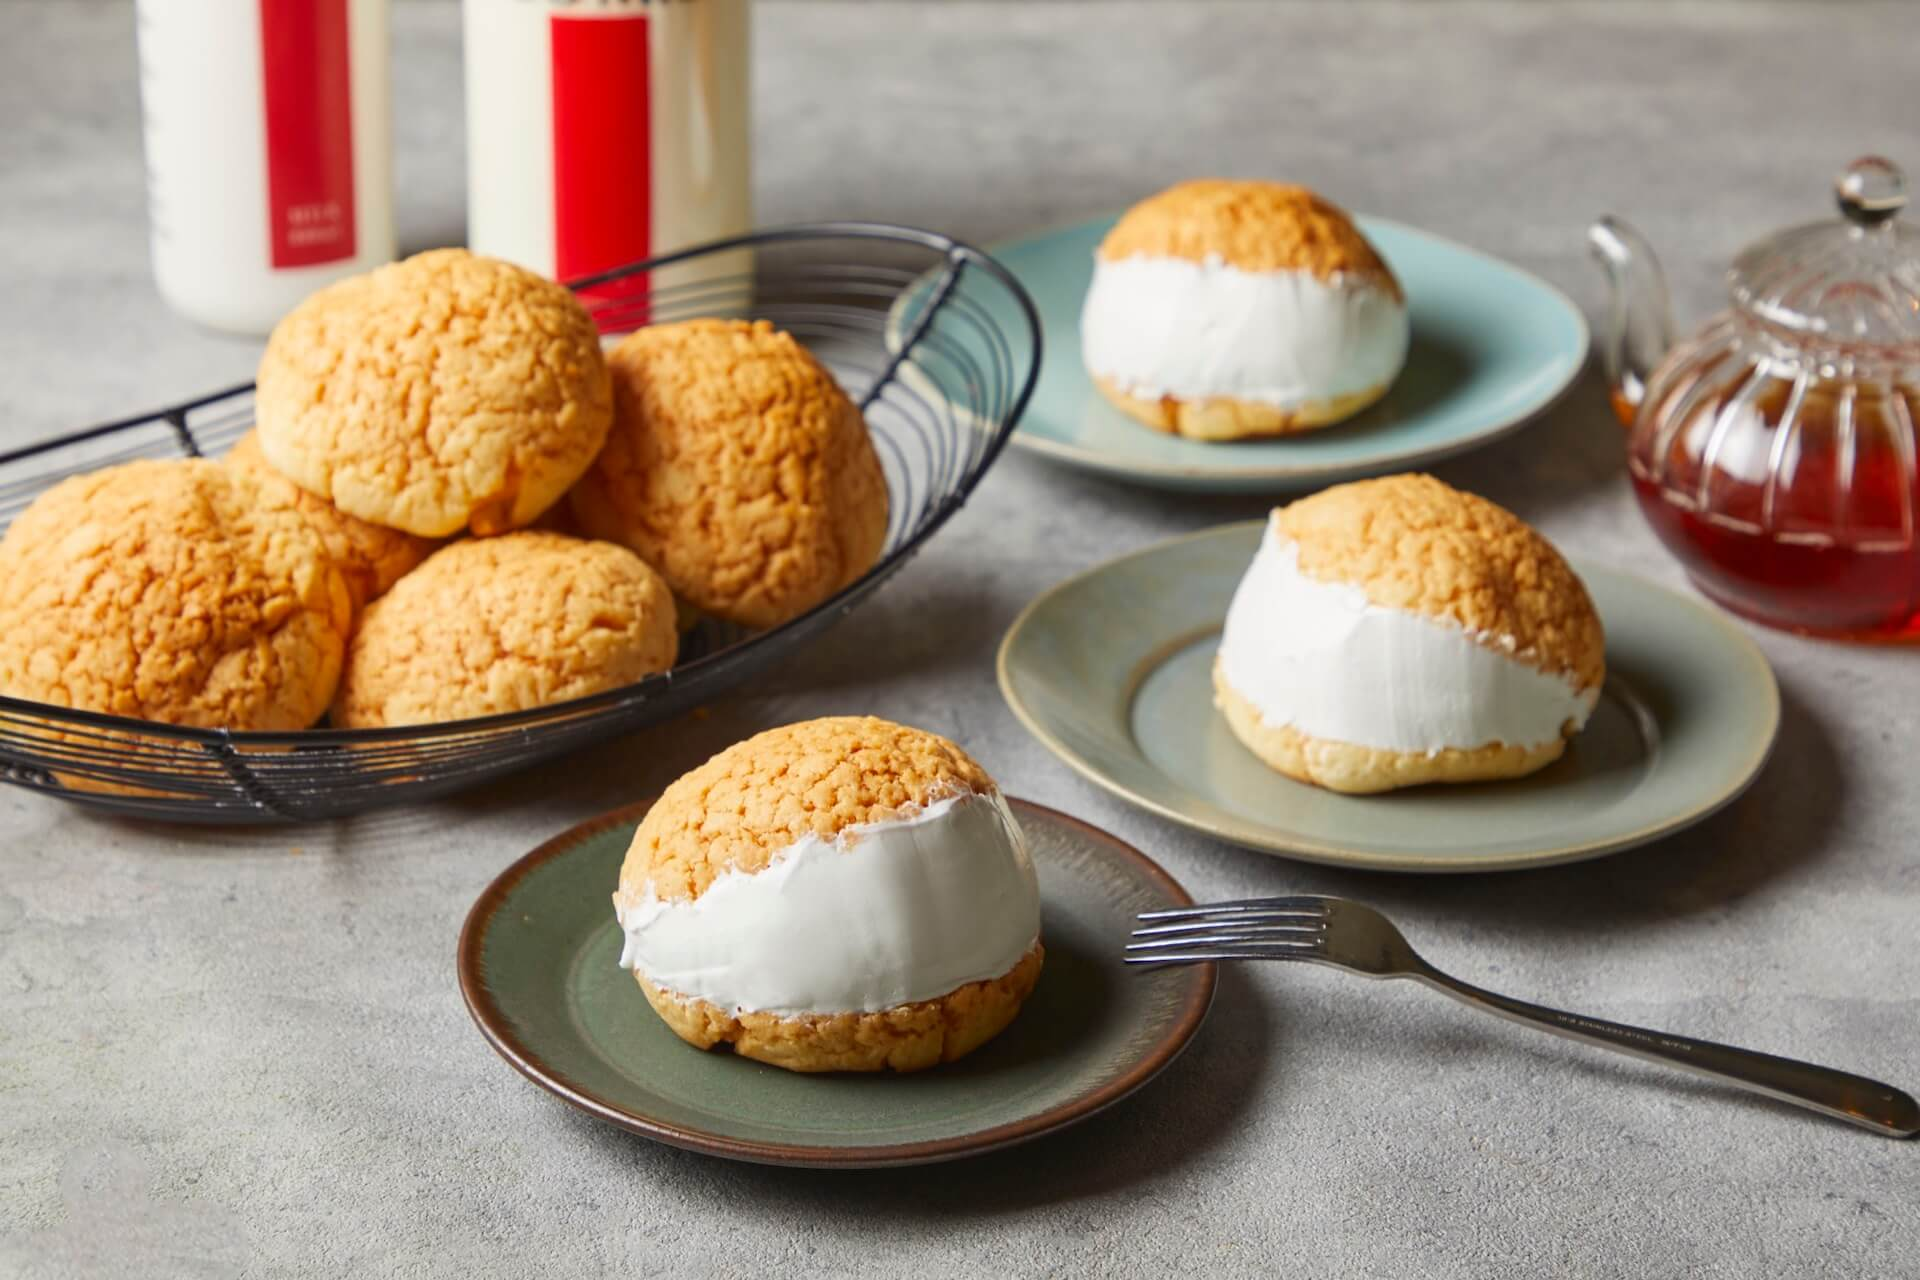 熊本・ASO MILKを使った超濃厚なマリトッツォ&ソフトクリームがBAKE&MILKで本日発売! gourmet210408_bakeandmilk_2